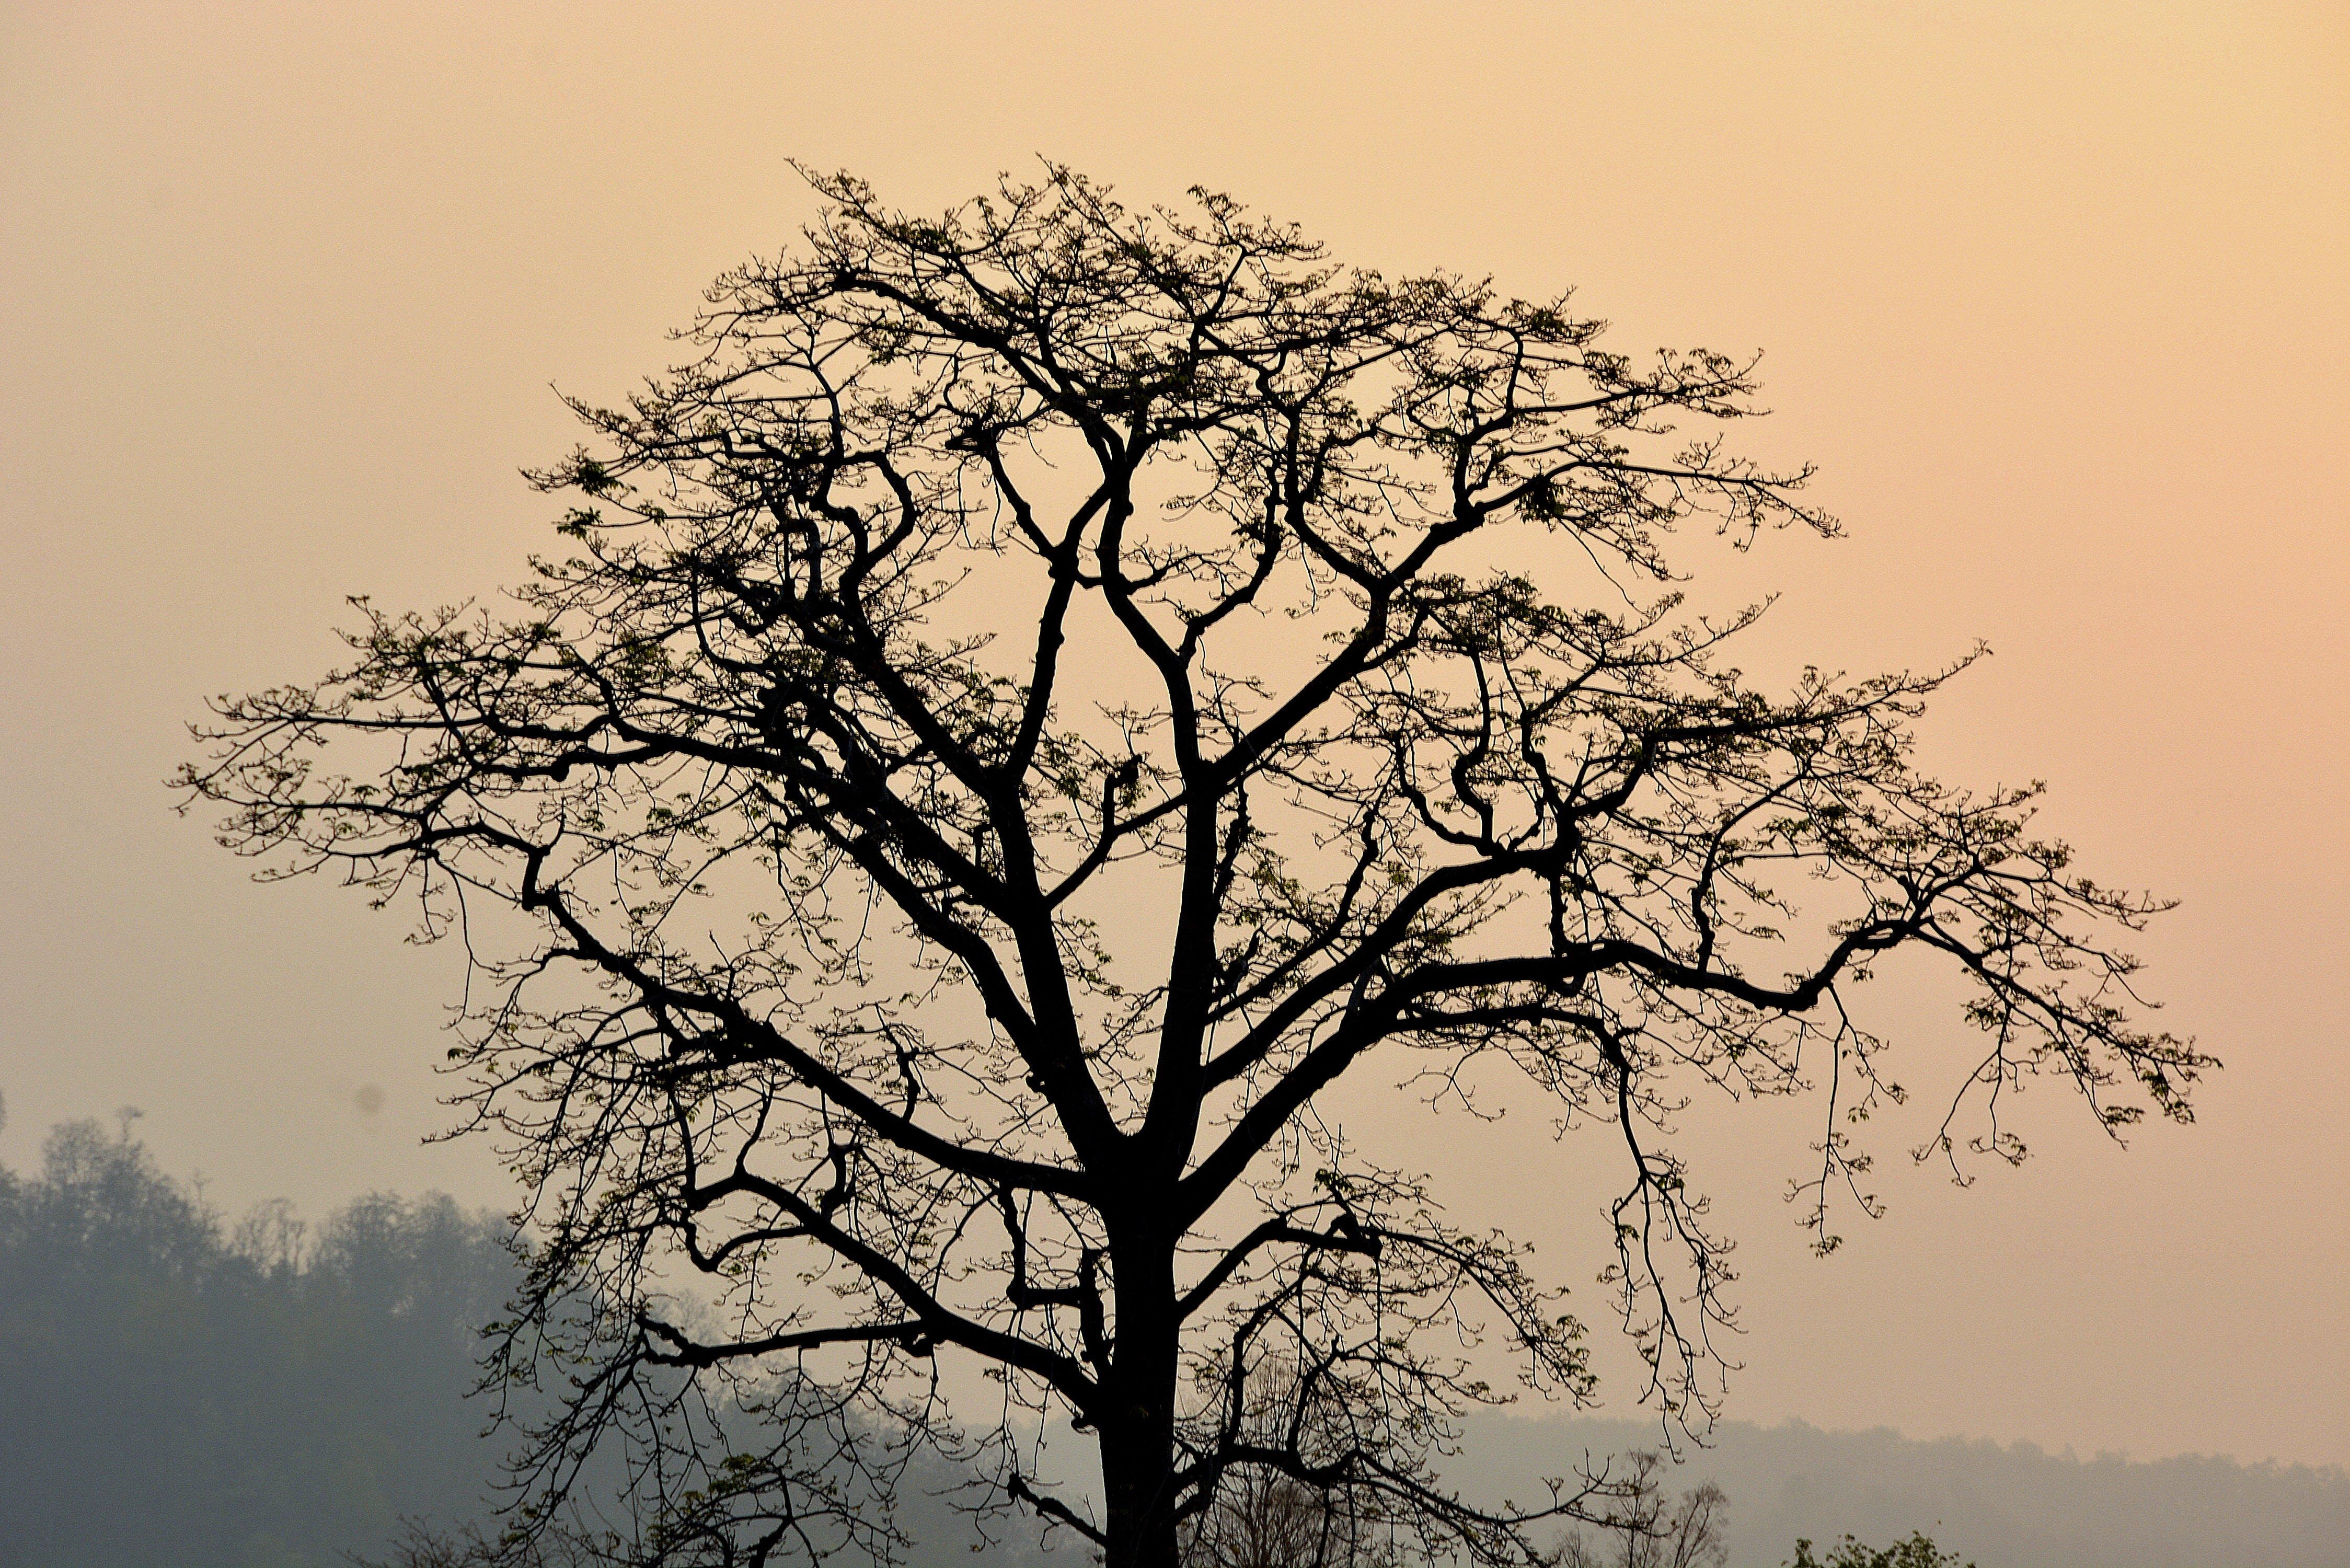 dawn, dusk, fog